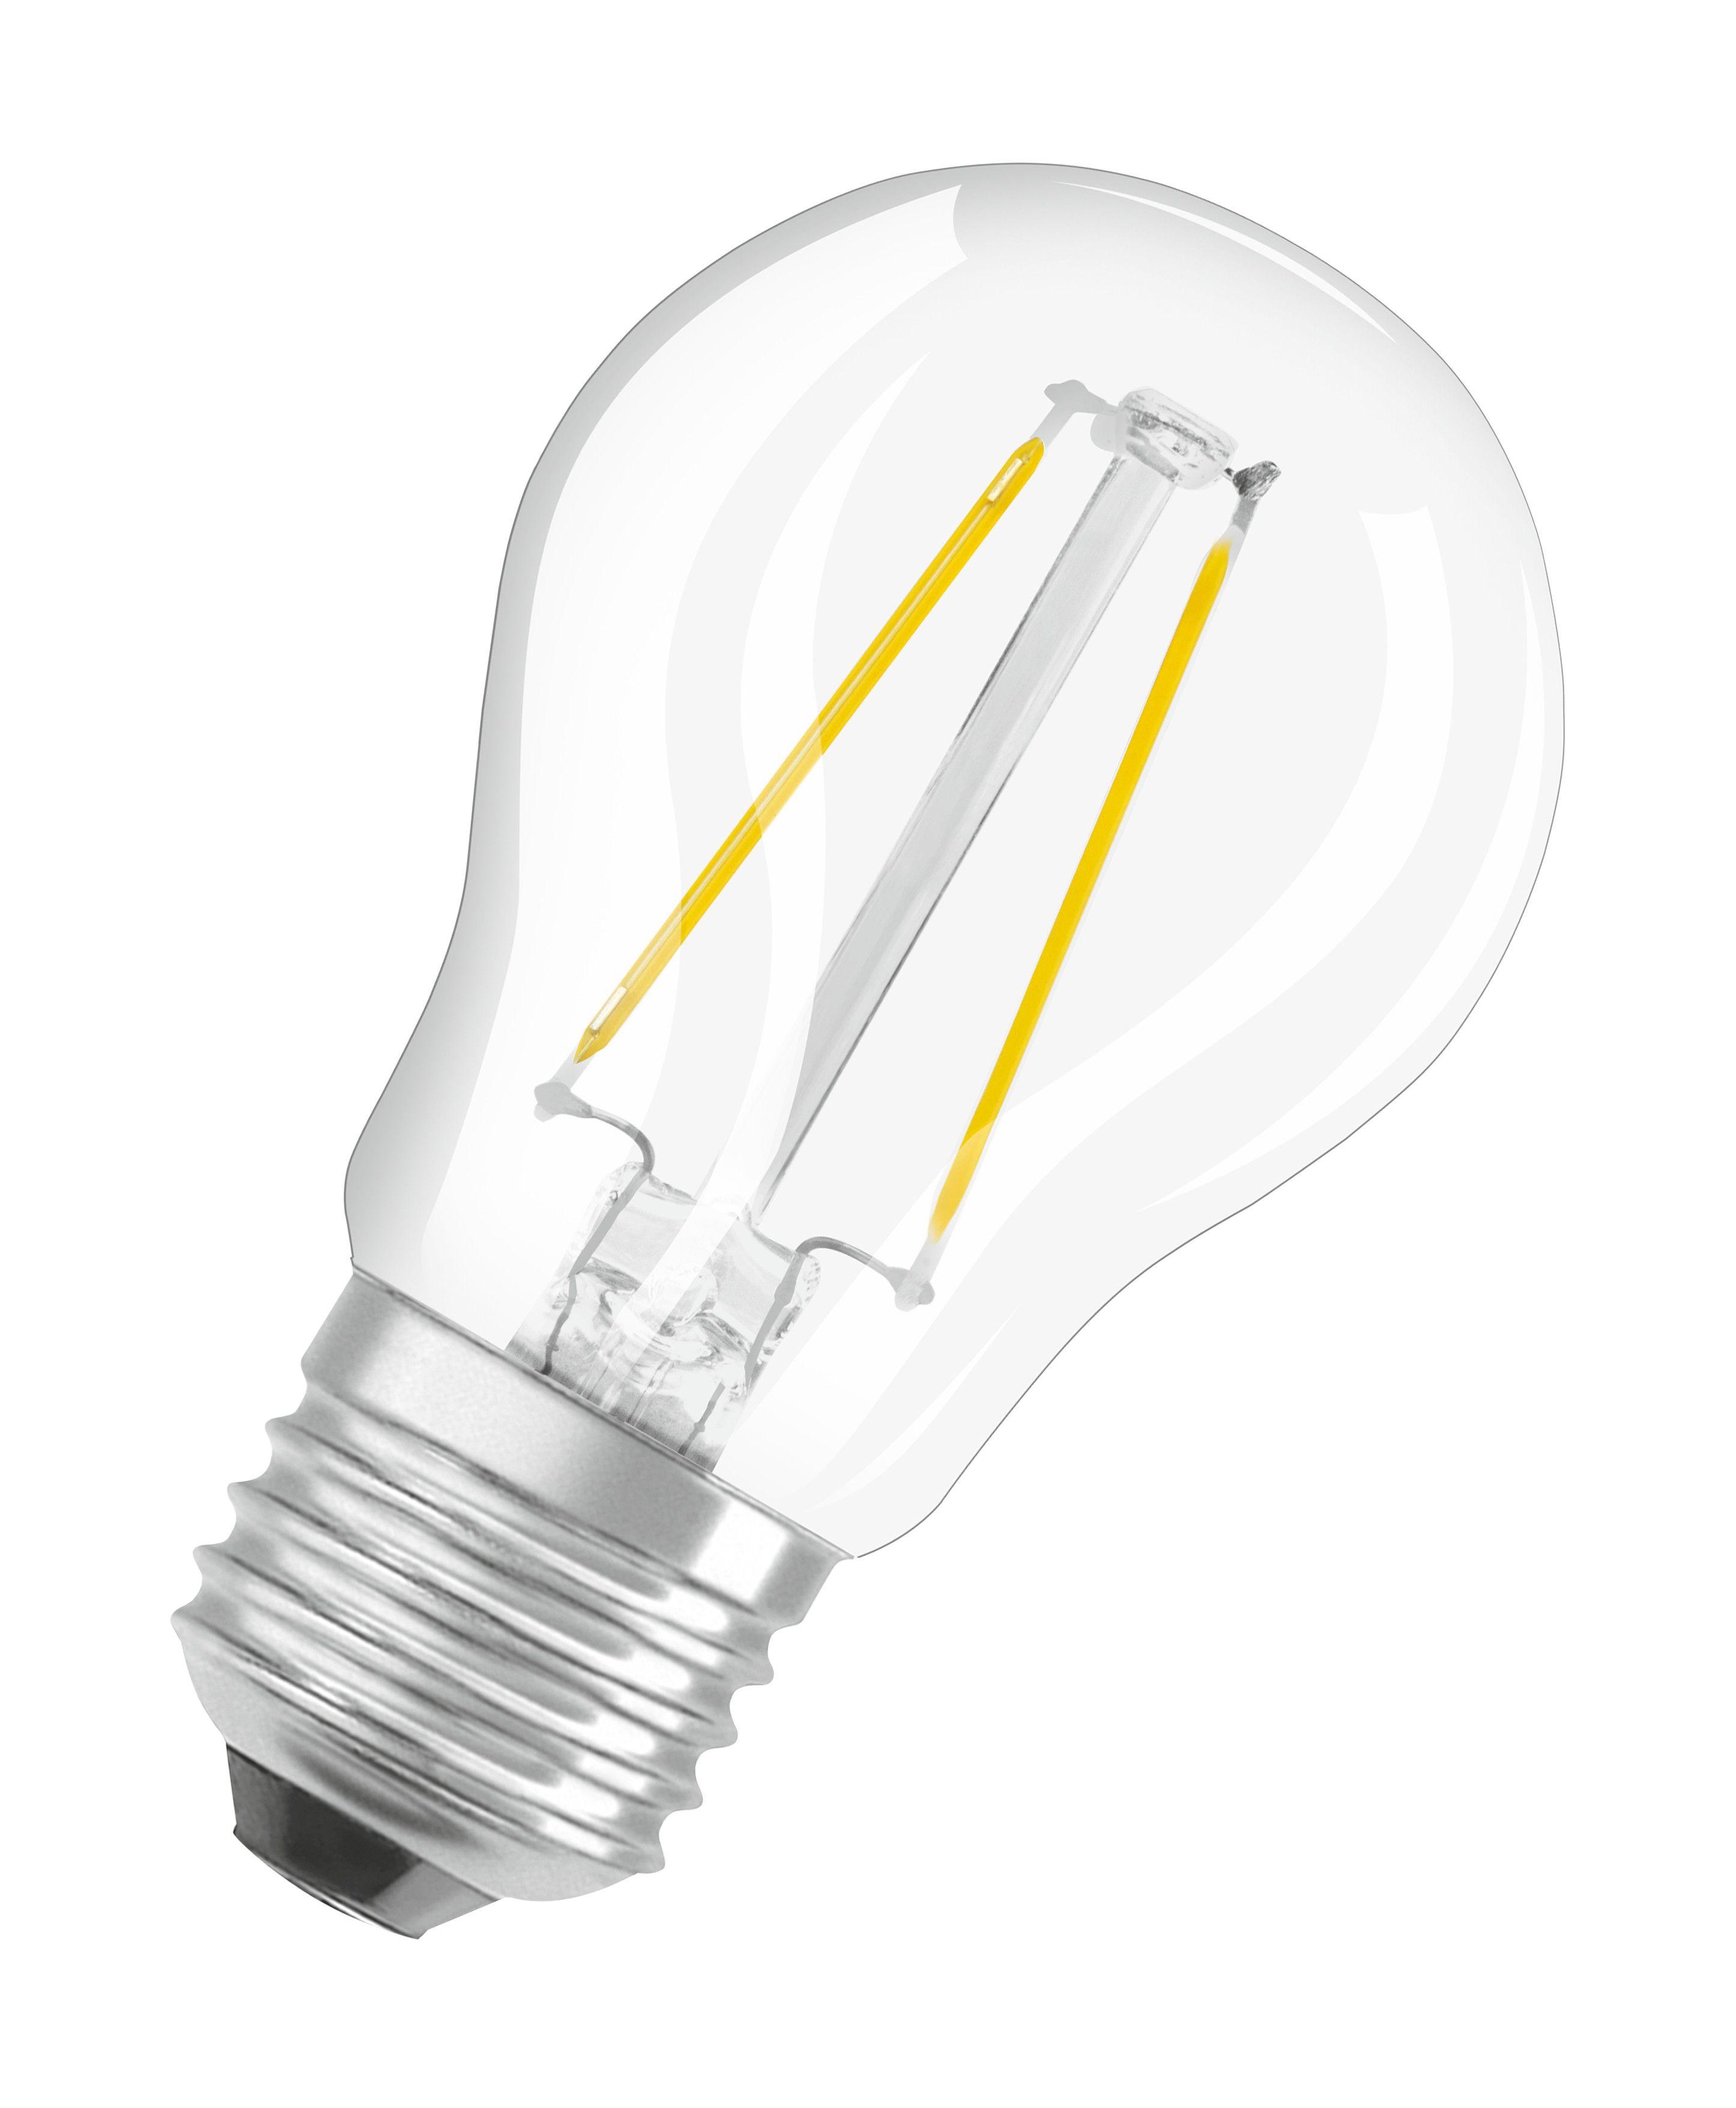 Купить Лампа светодиодная Osram LS CLP40 5, 4W/830 230V CL E2710X1RUOSRAM теплый-белый, , Osram Ledvance